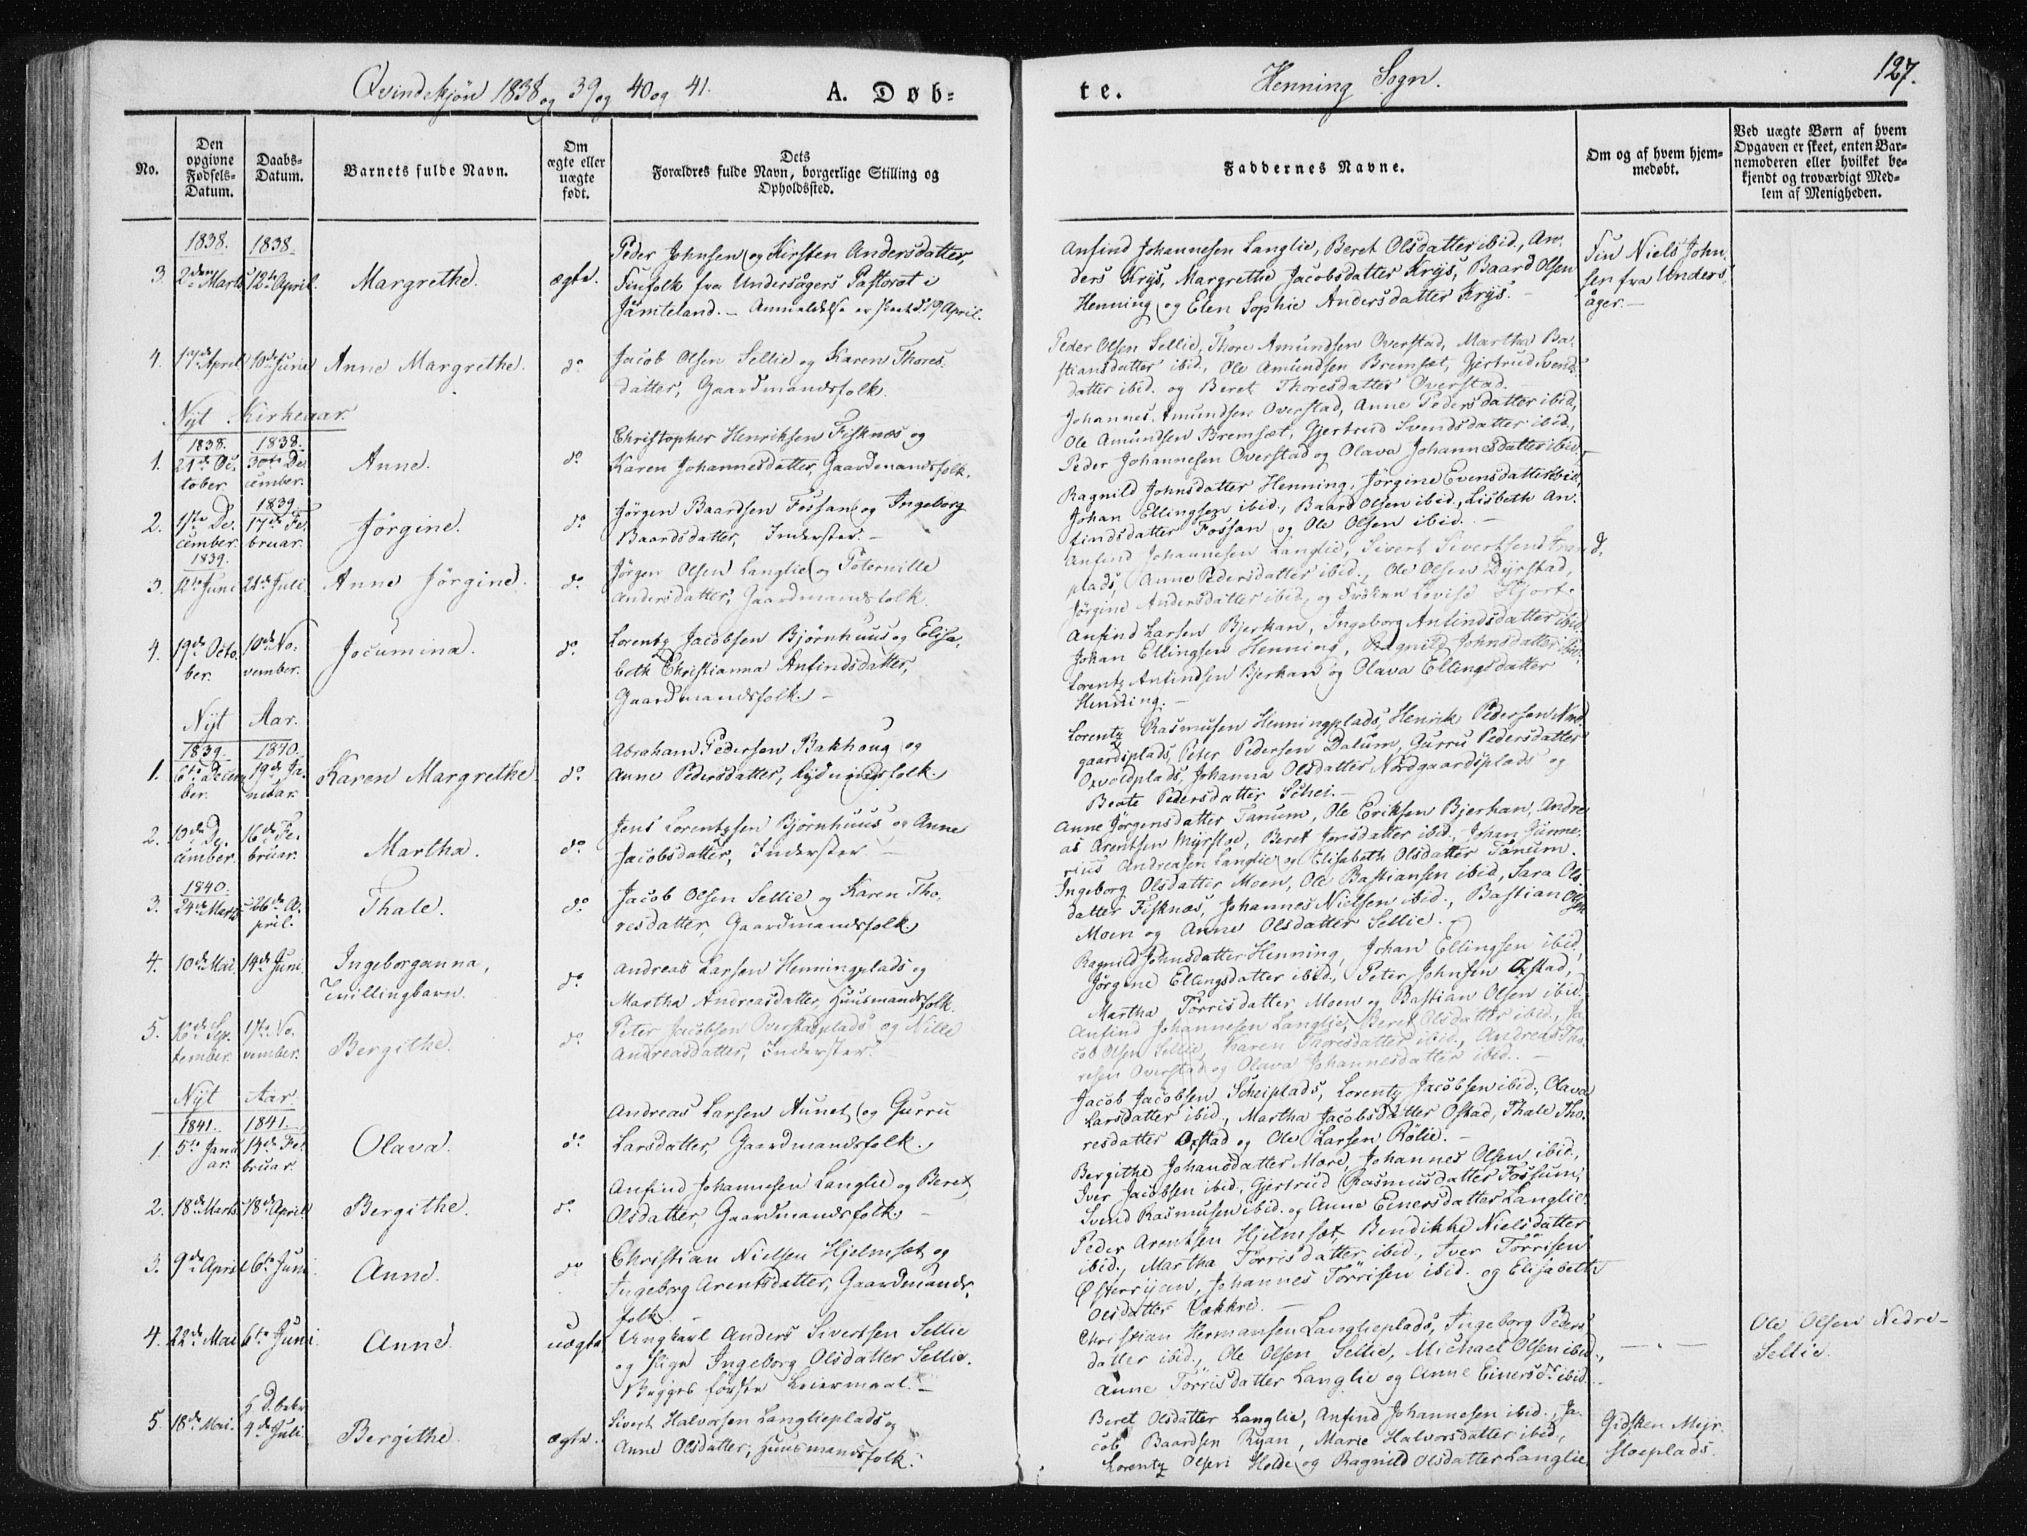 SAT, Ministerialprotokoller, klokkerbøker og fødselsregistre - Nord-Trøndelag, 735/L0339: Ministerialbok nr. 735A06 /3, 1836-1848, s. 127